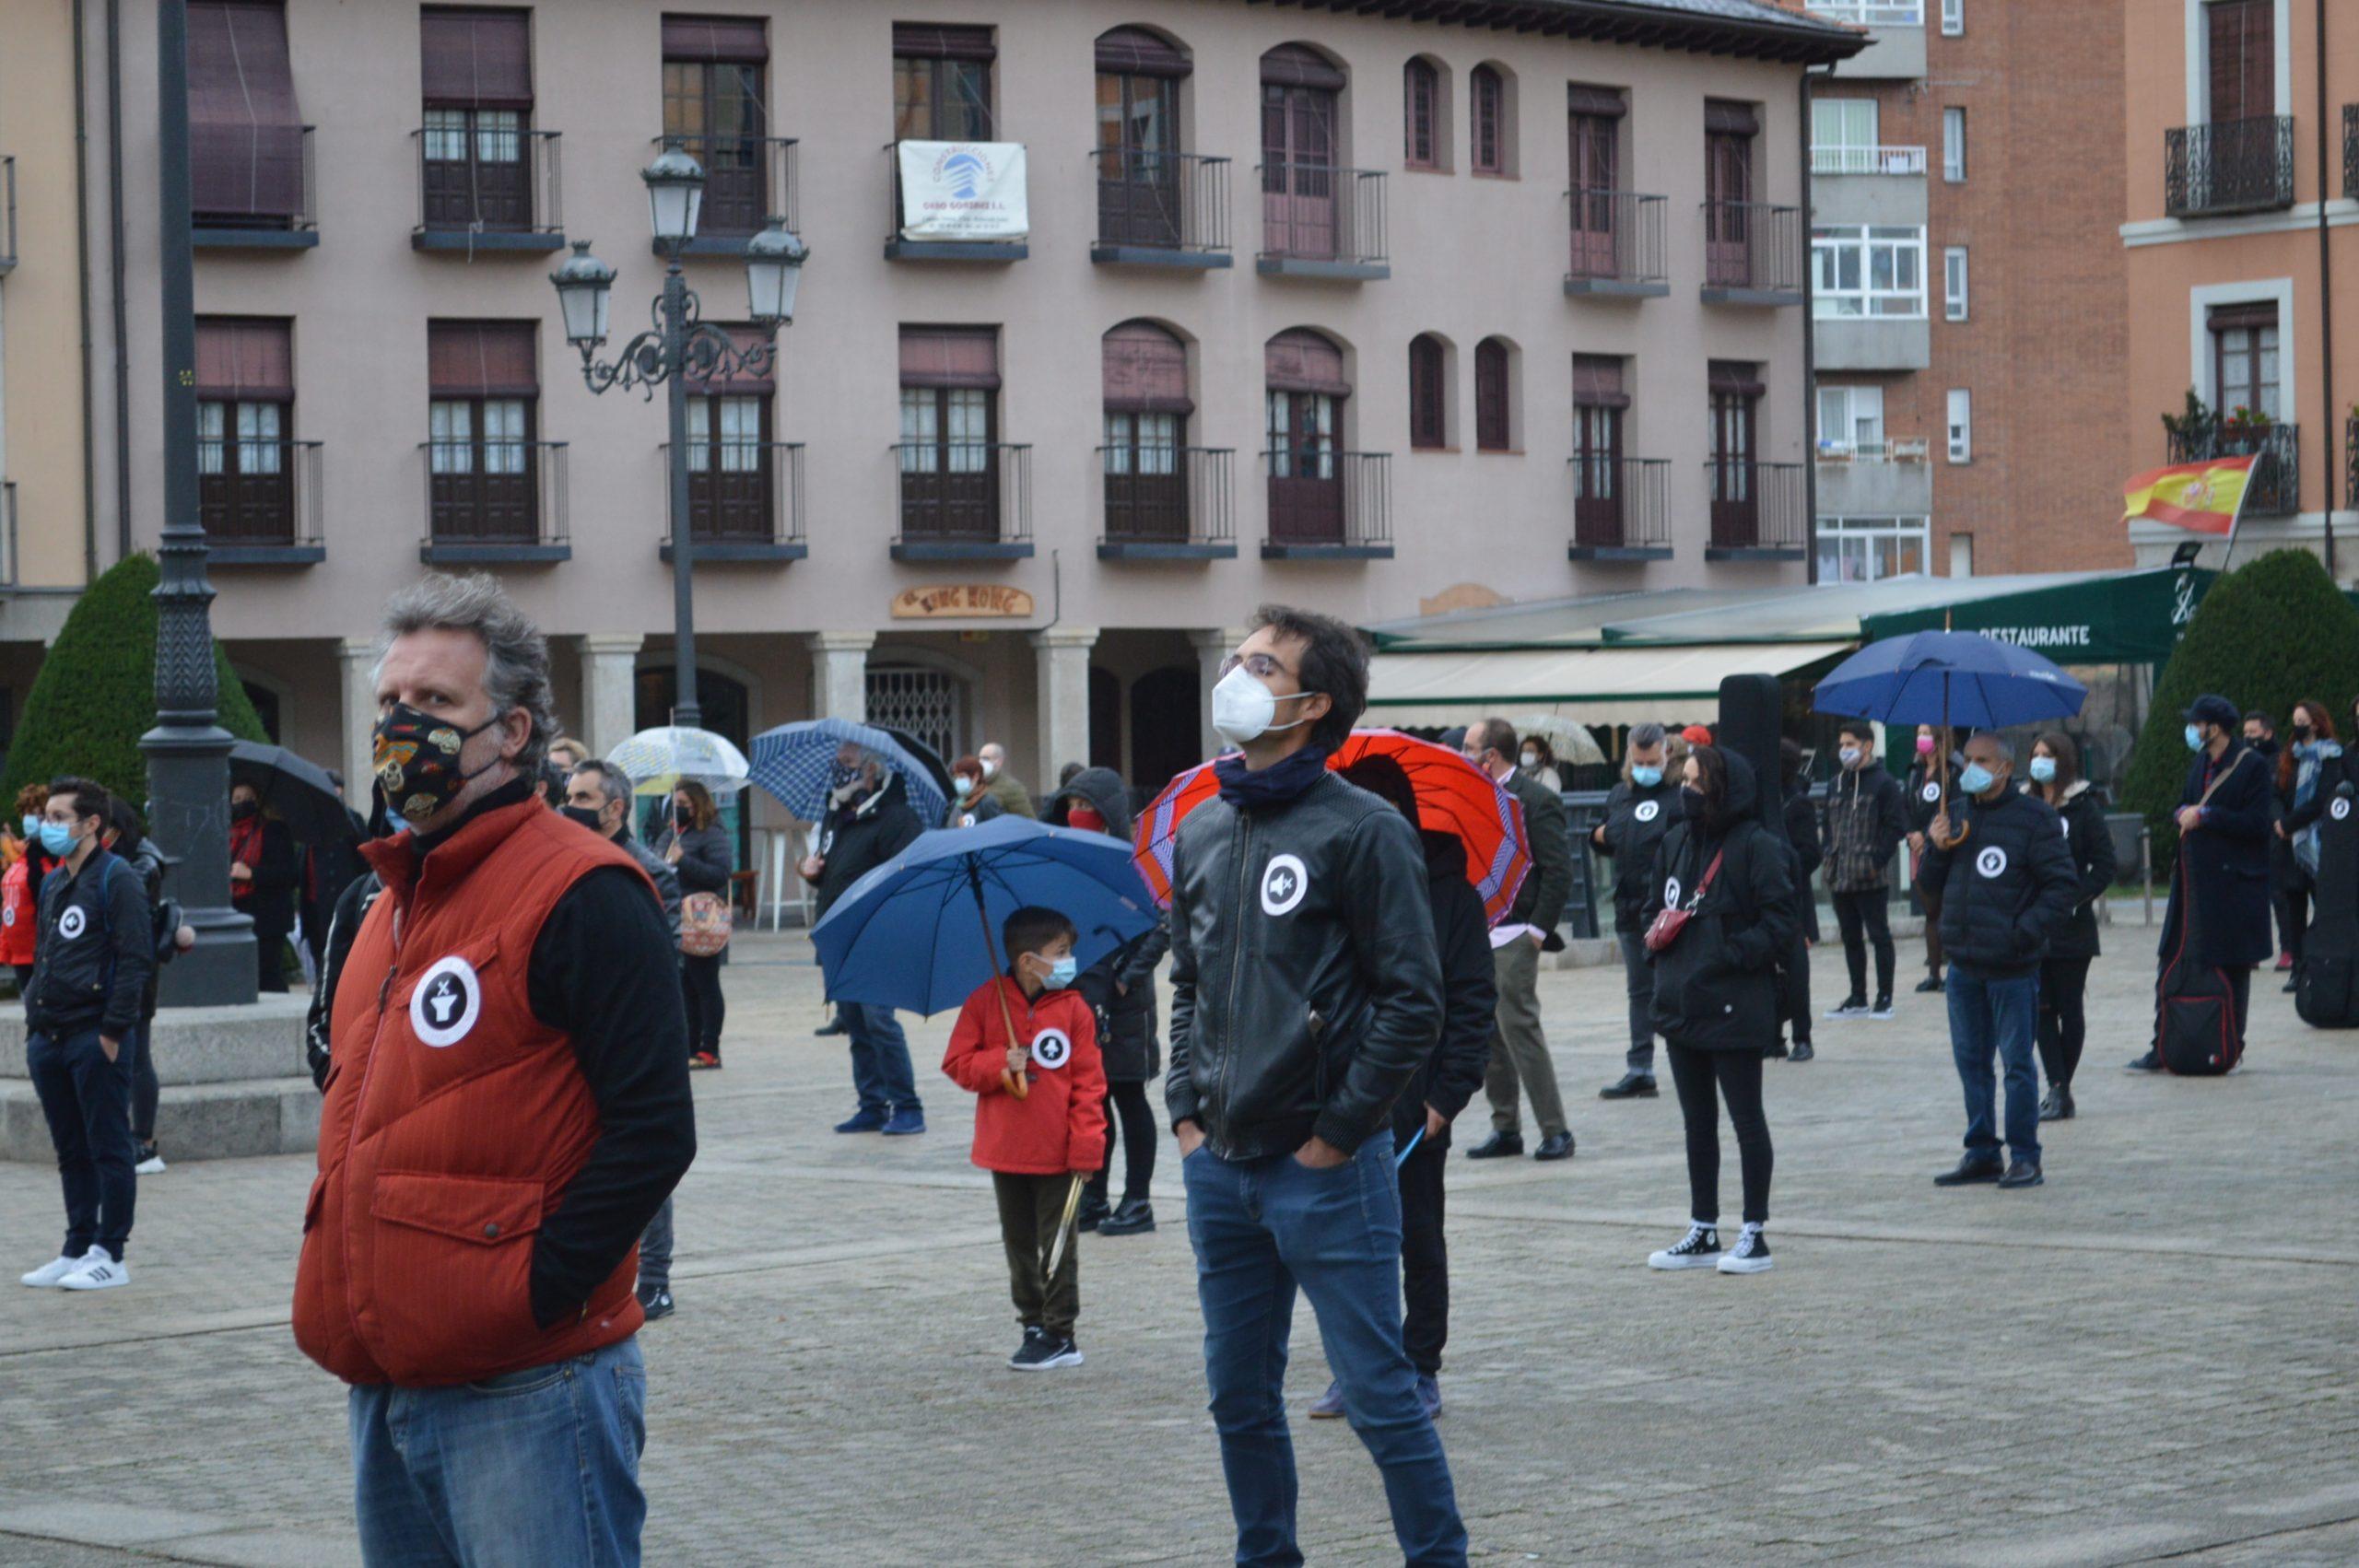 El sector de la cultura berciana activa la #alertaroja movilizándose en la plaza del Ayuntamiento de Ponferrada 15